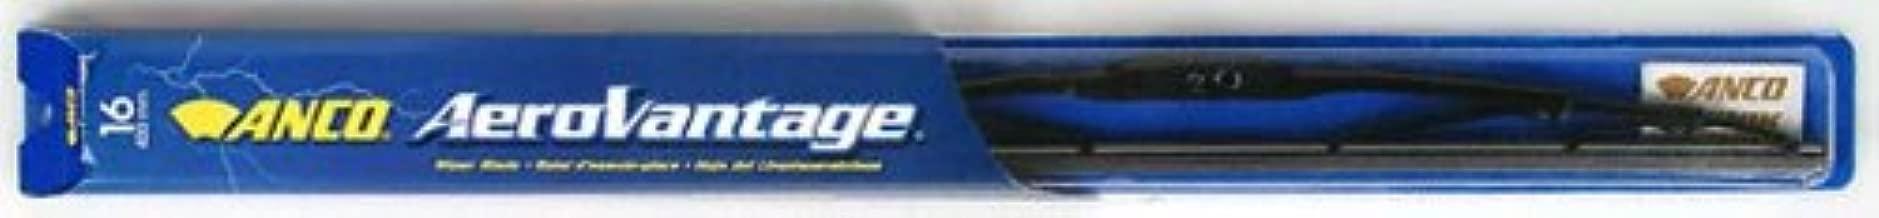 ANCO 91-16 AeroVantage Wiper Blade - 16